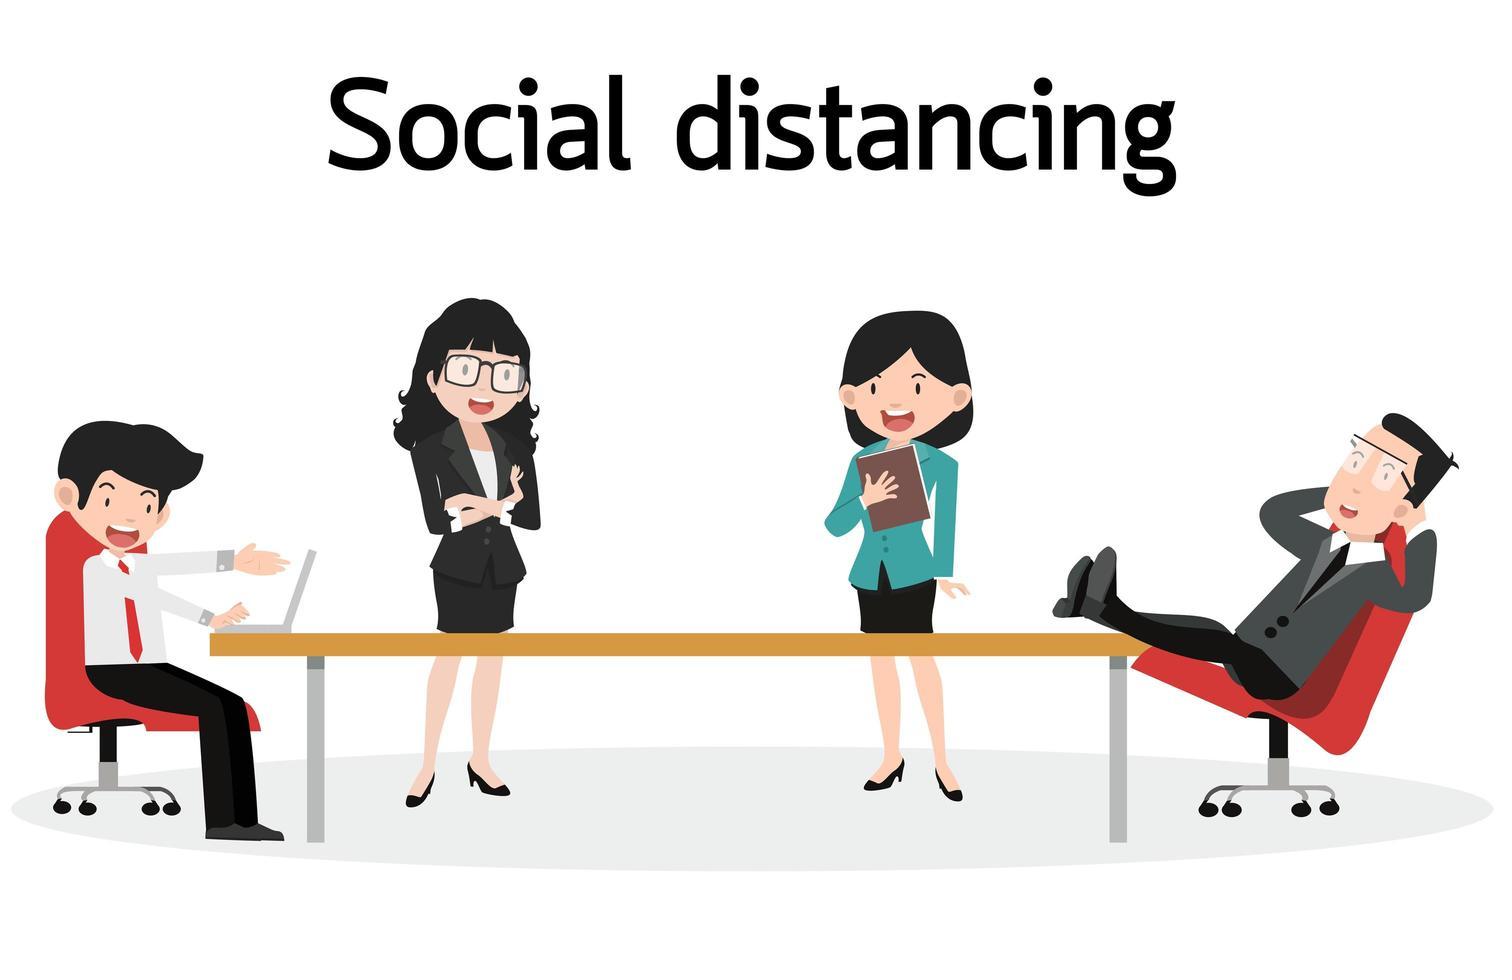 distanciamento social dos funcionários do escritório de negócios vetor